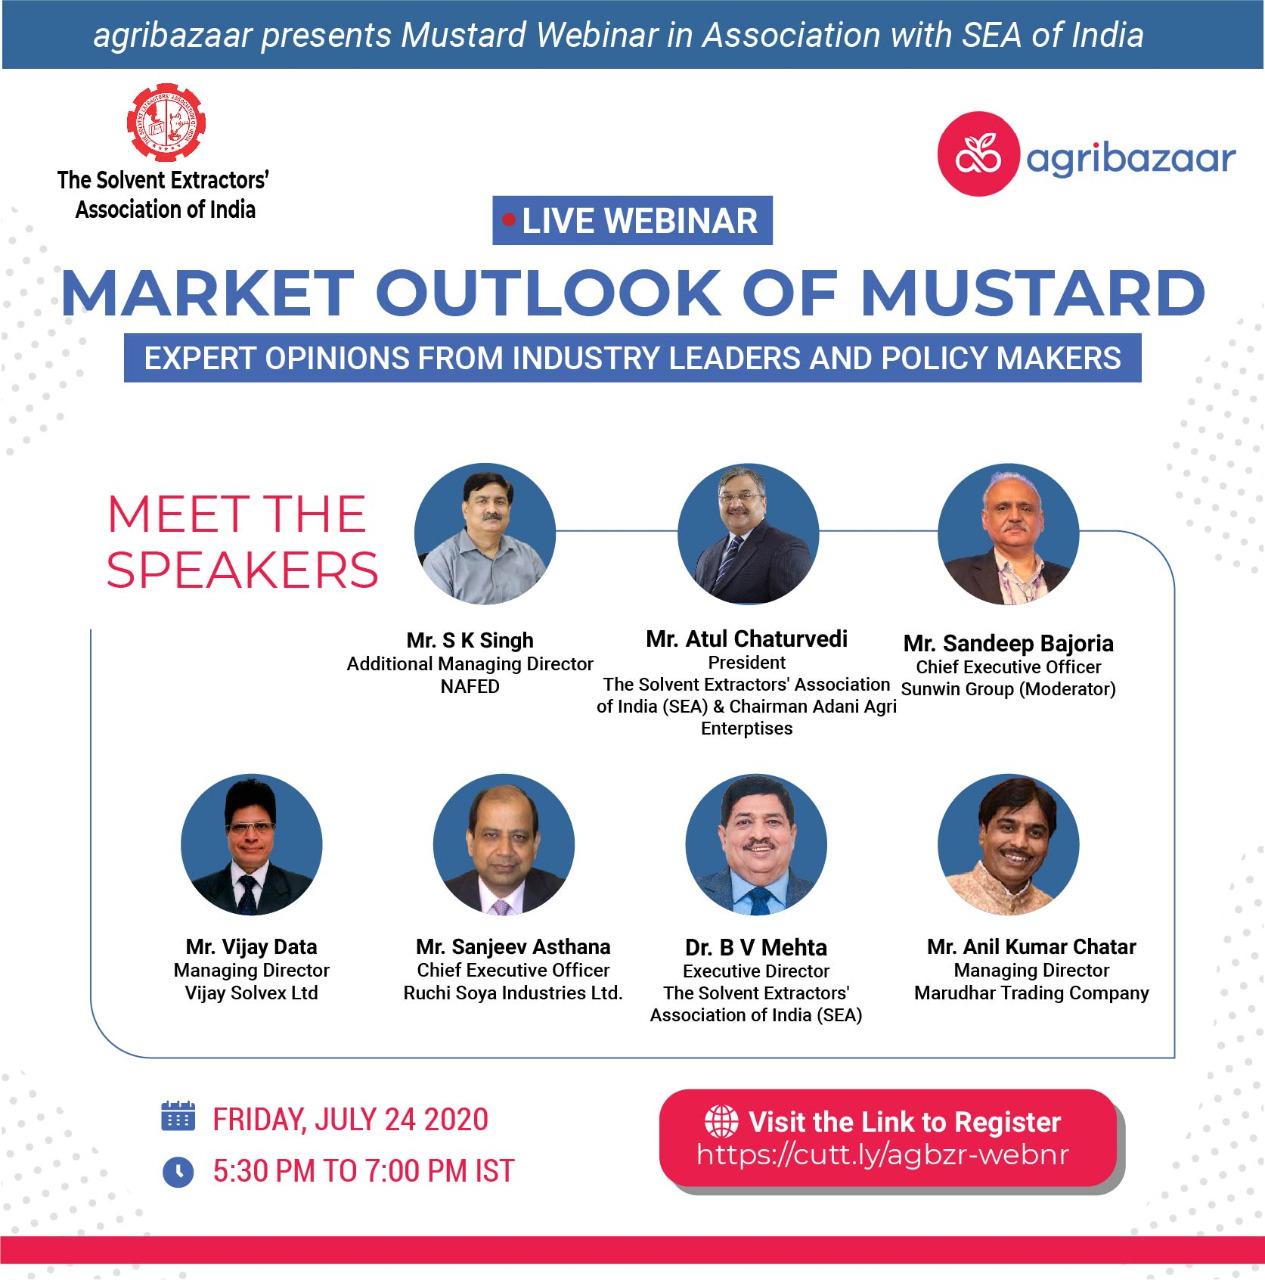 """Live Webinar on """"Market Outlook of Mustard Seed"""" on July 24, 2020"""